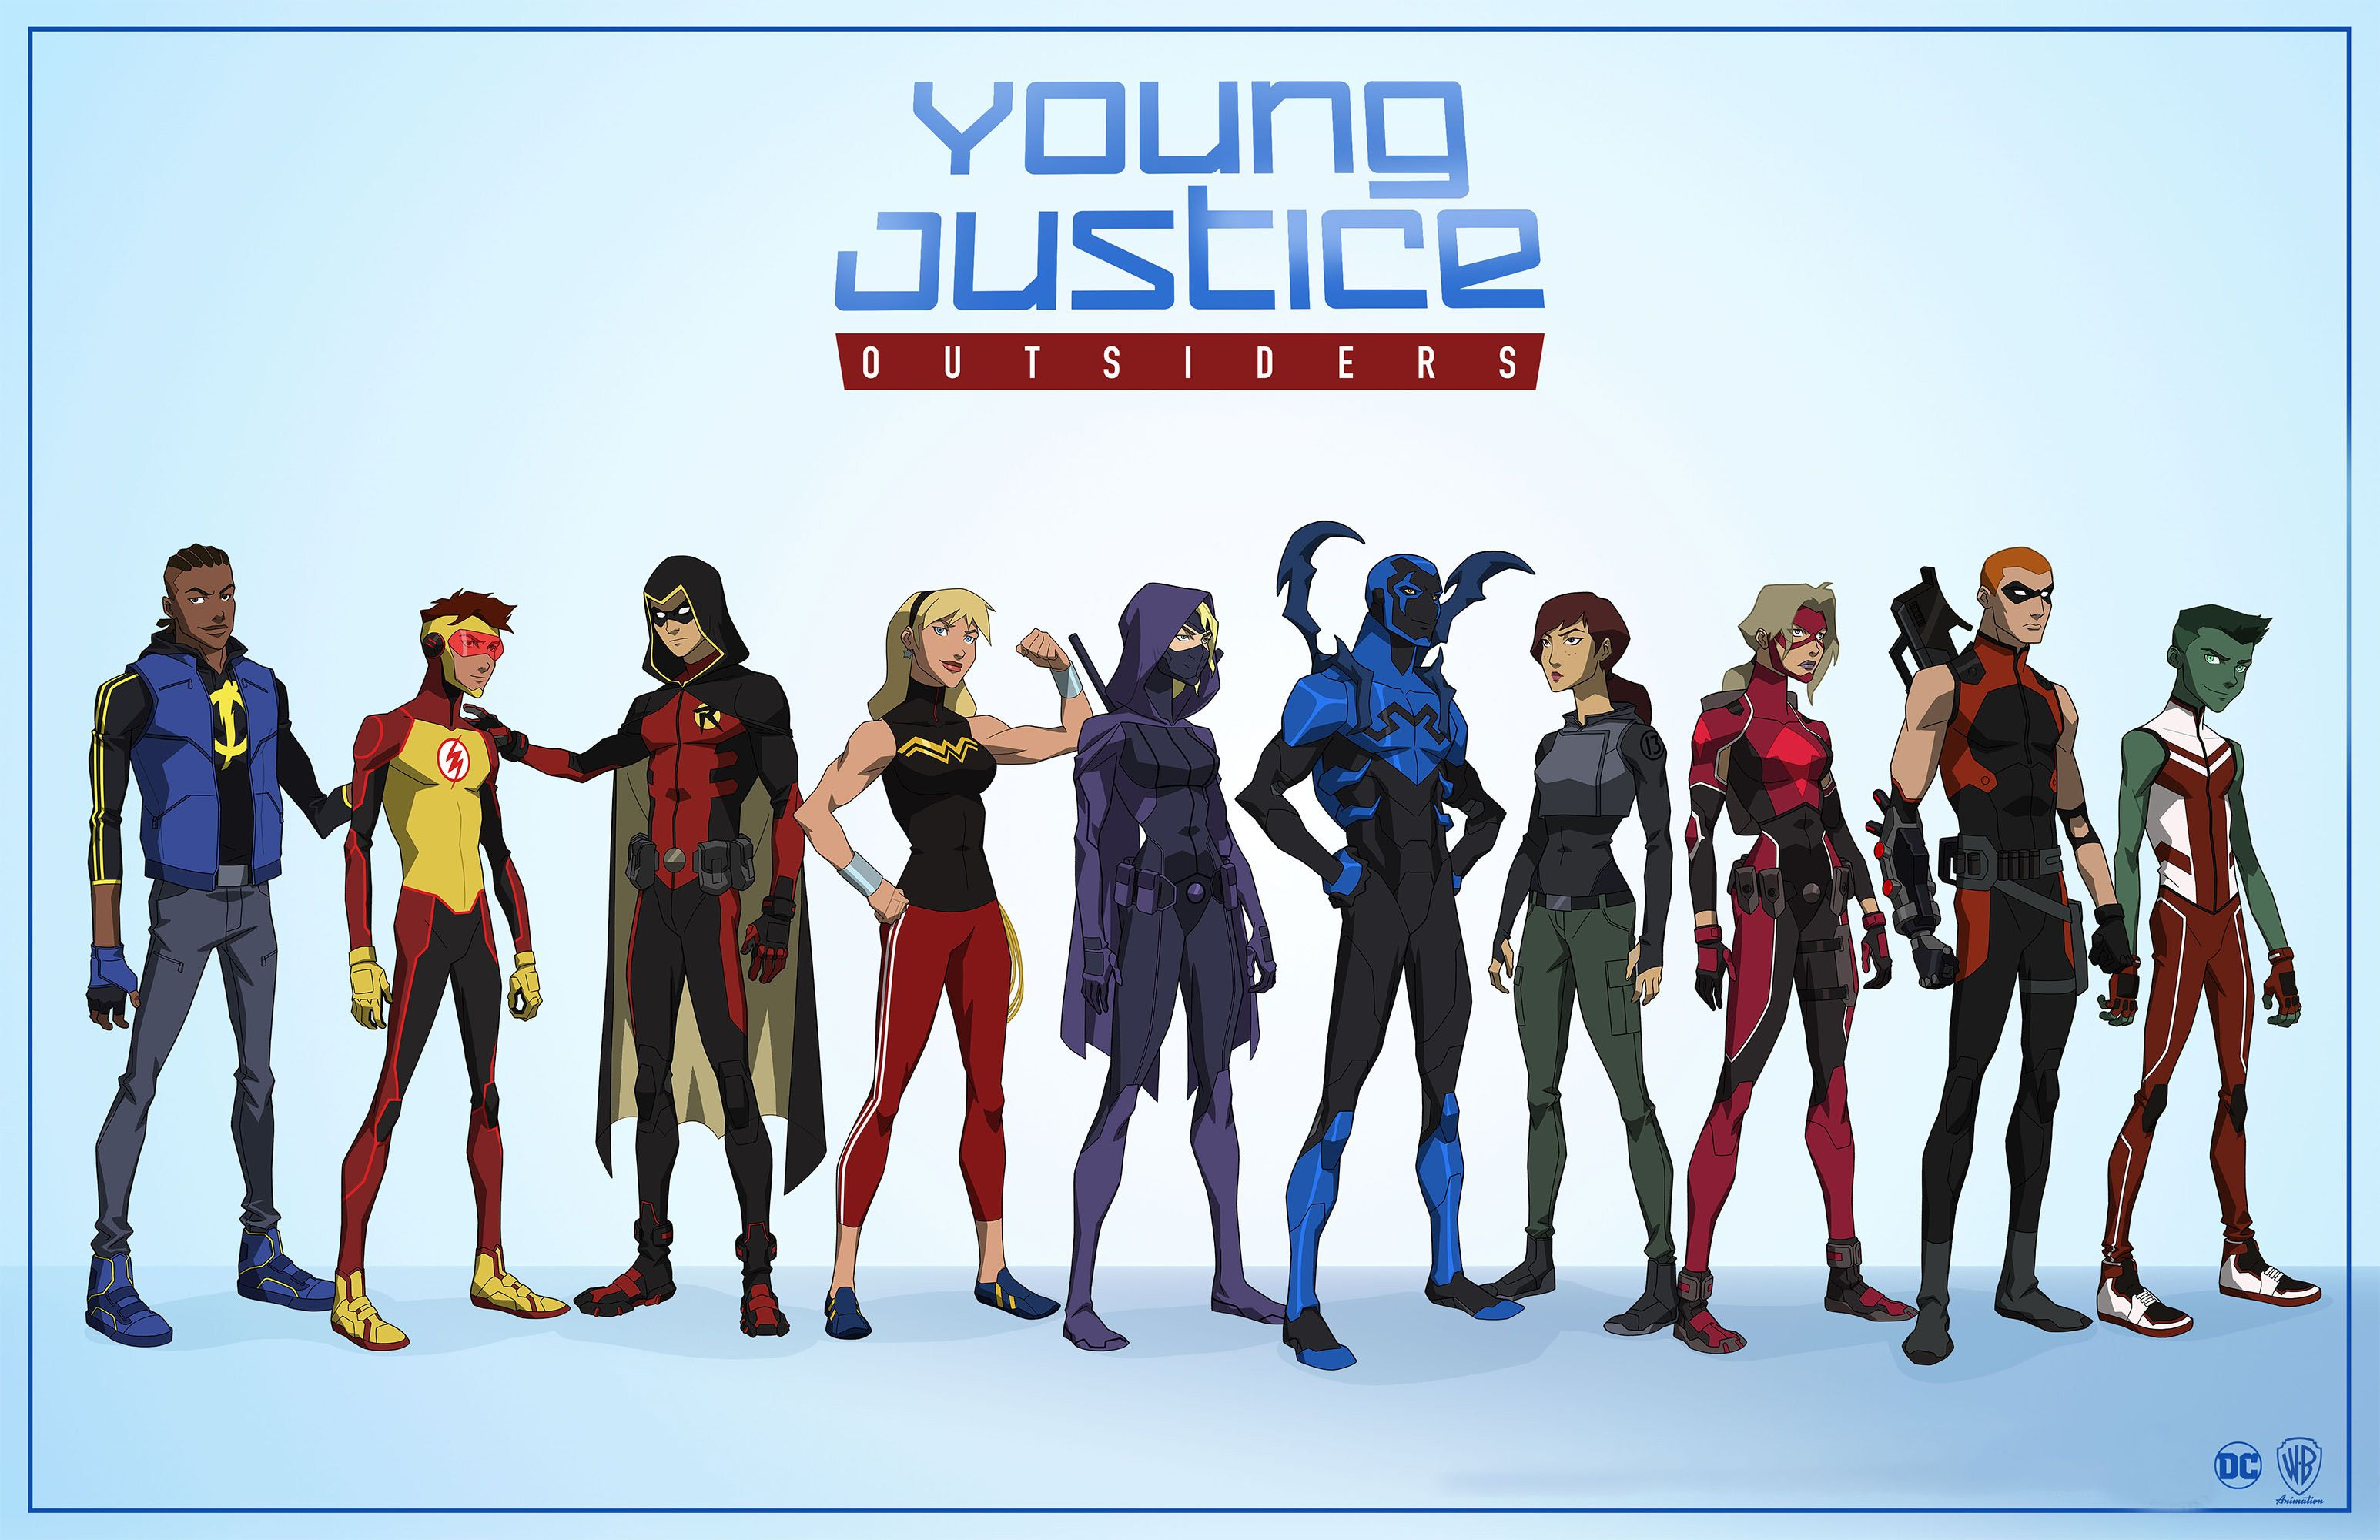 Download 770+ Wallpaper Tumblr Young Justice Foto Gratis Terbaru